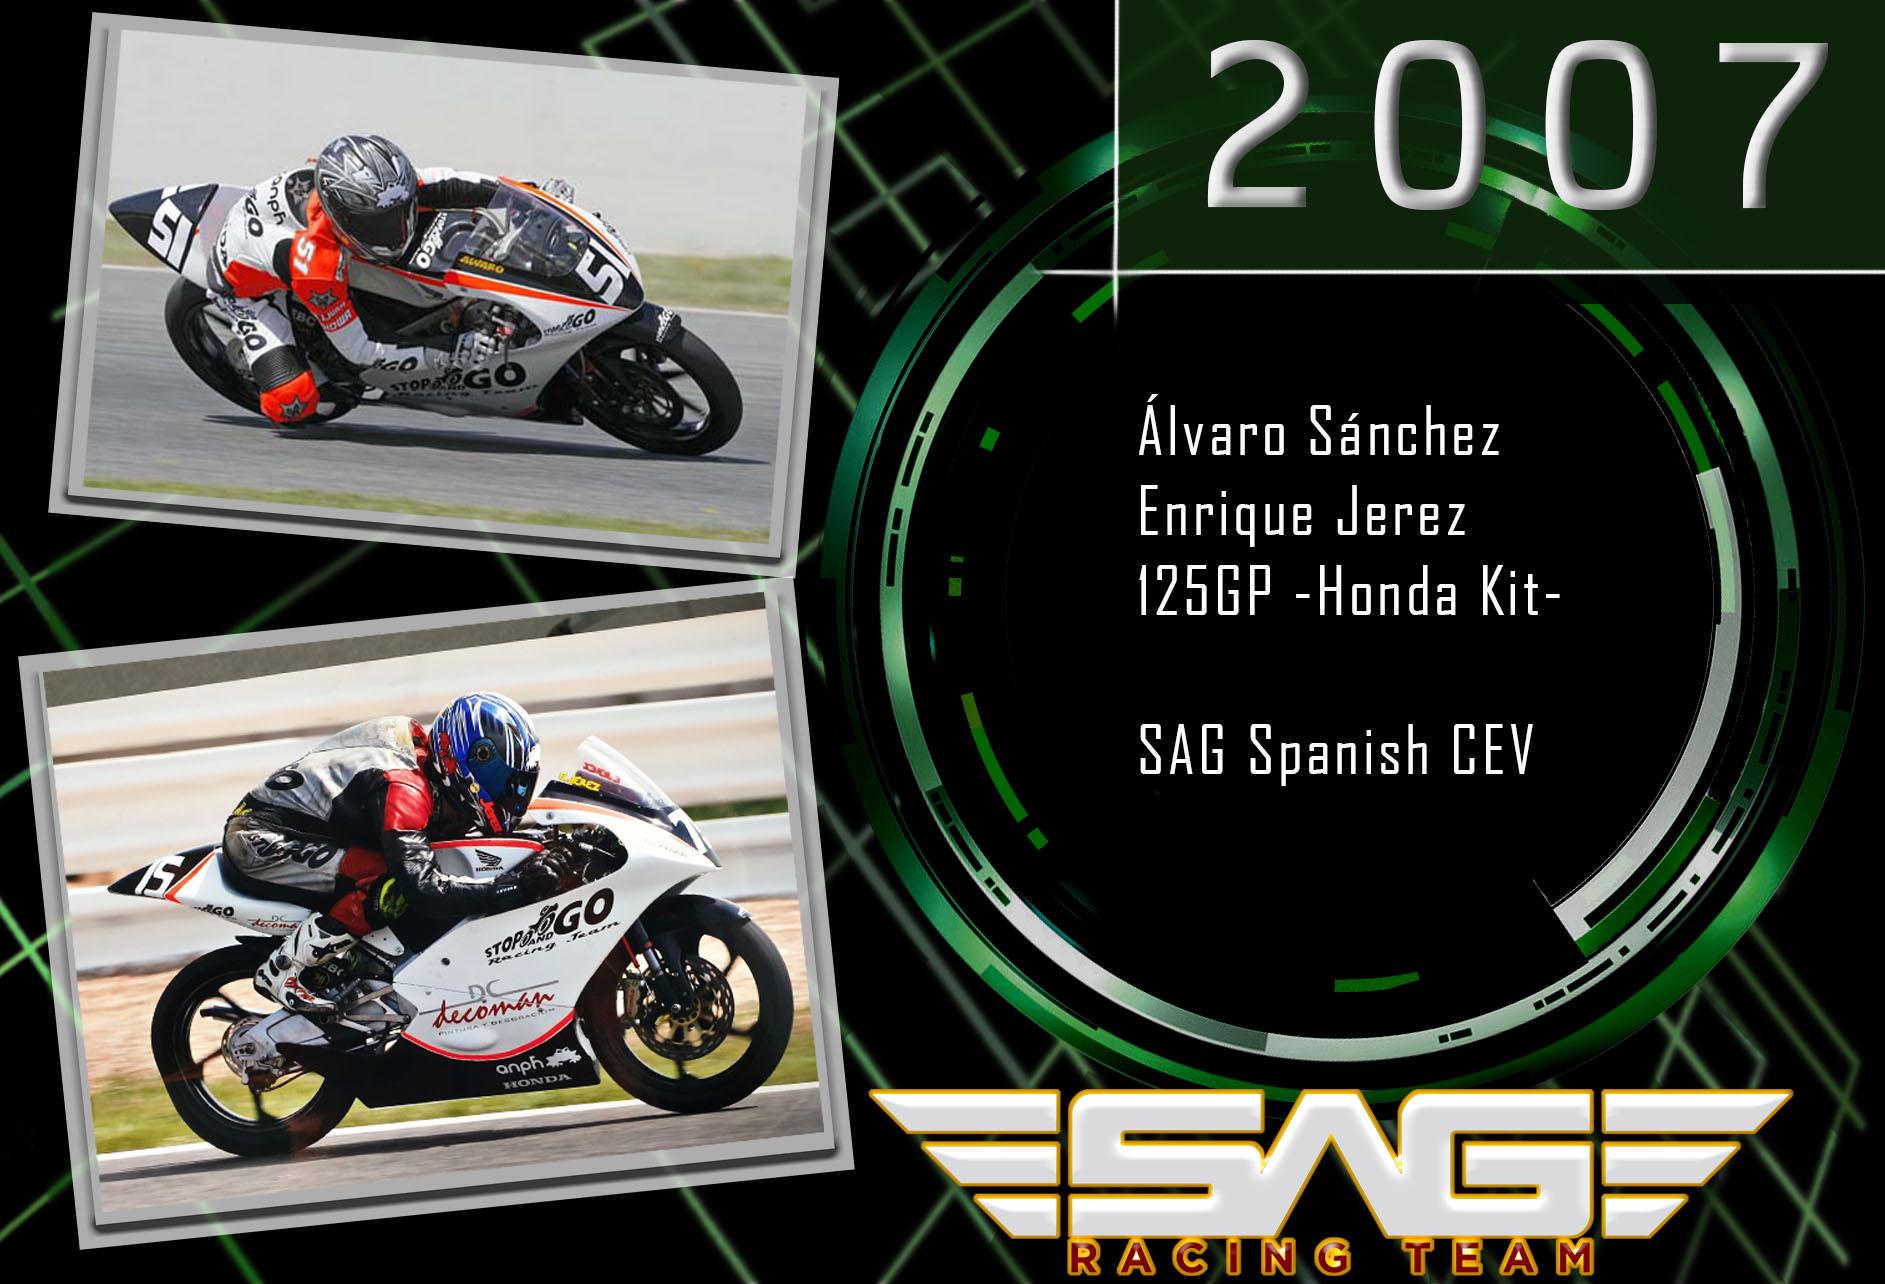 CEV Riders Alvaro Sanchez & Enrique Jerez (125GP)